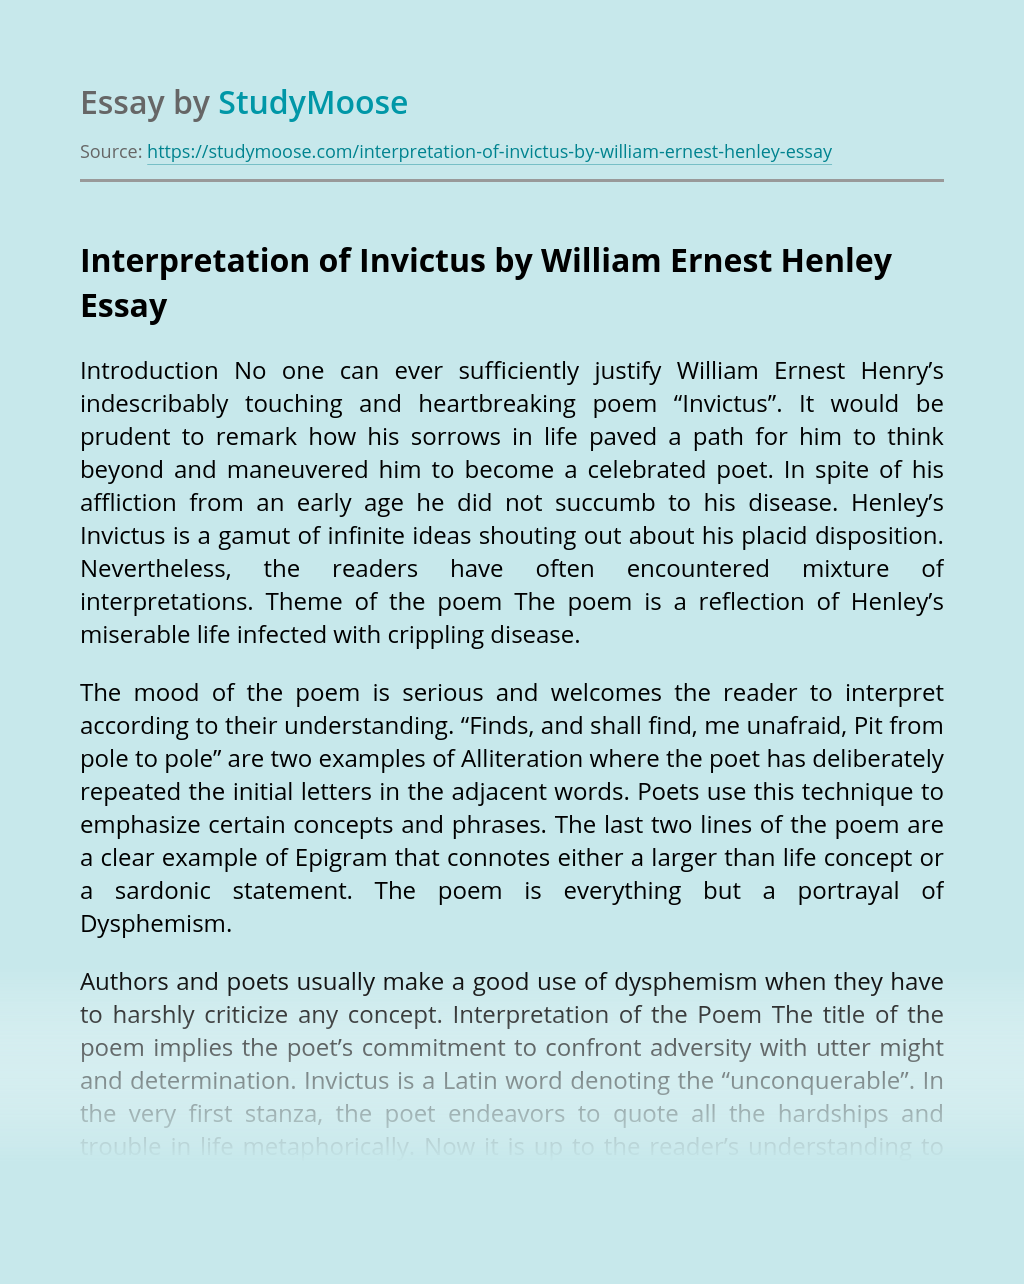 Interpretation of Invictus by William Ernest Henley